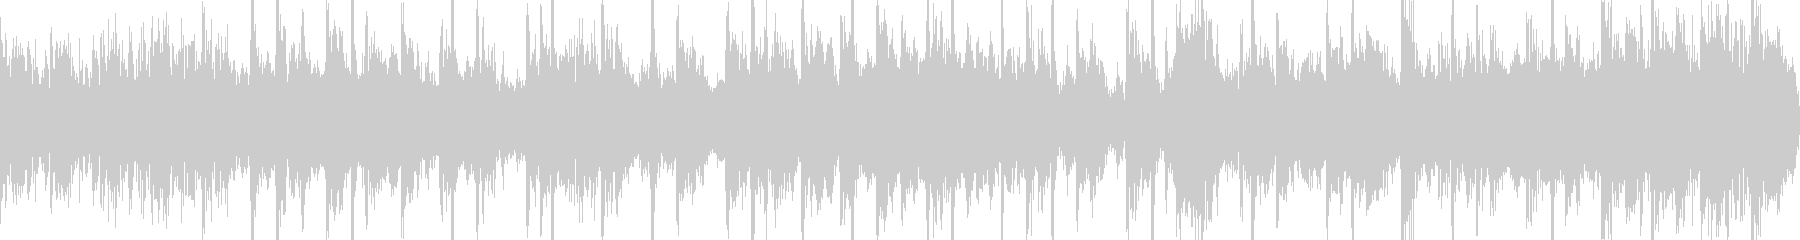 ファンキーで軽快なシンセジングルループの未再生の波形